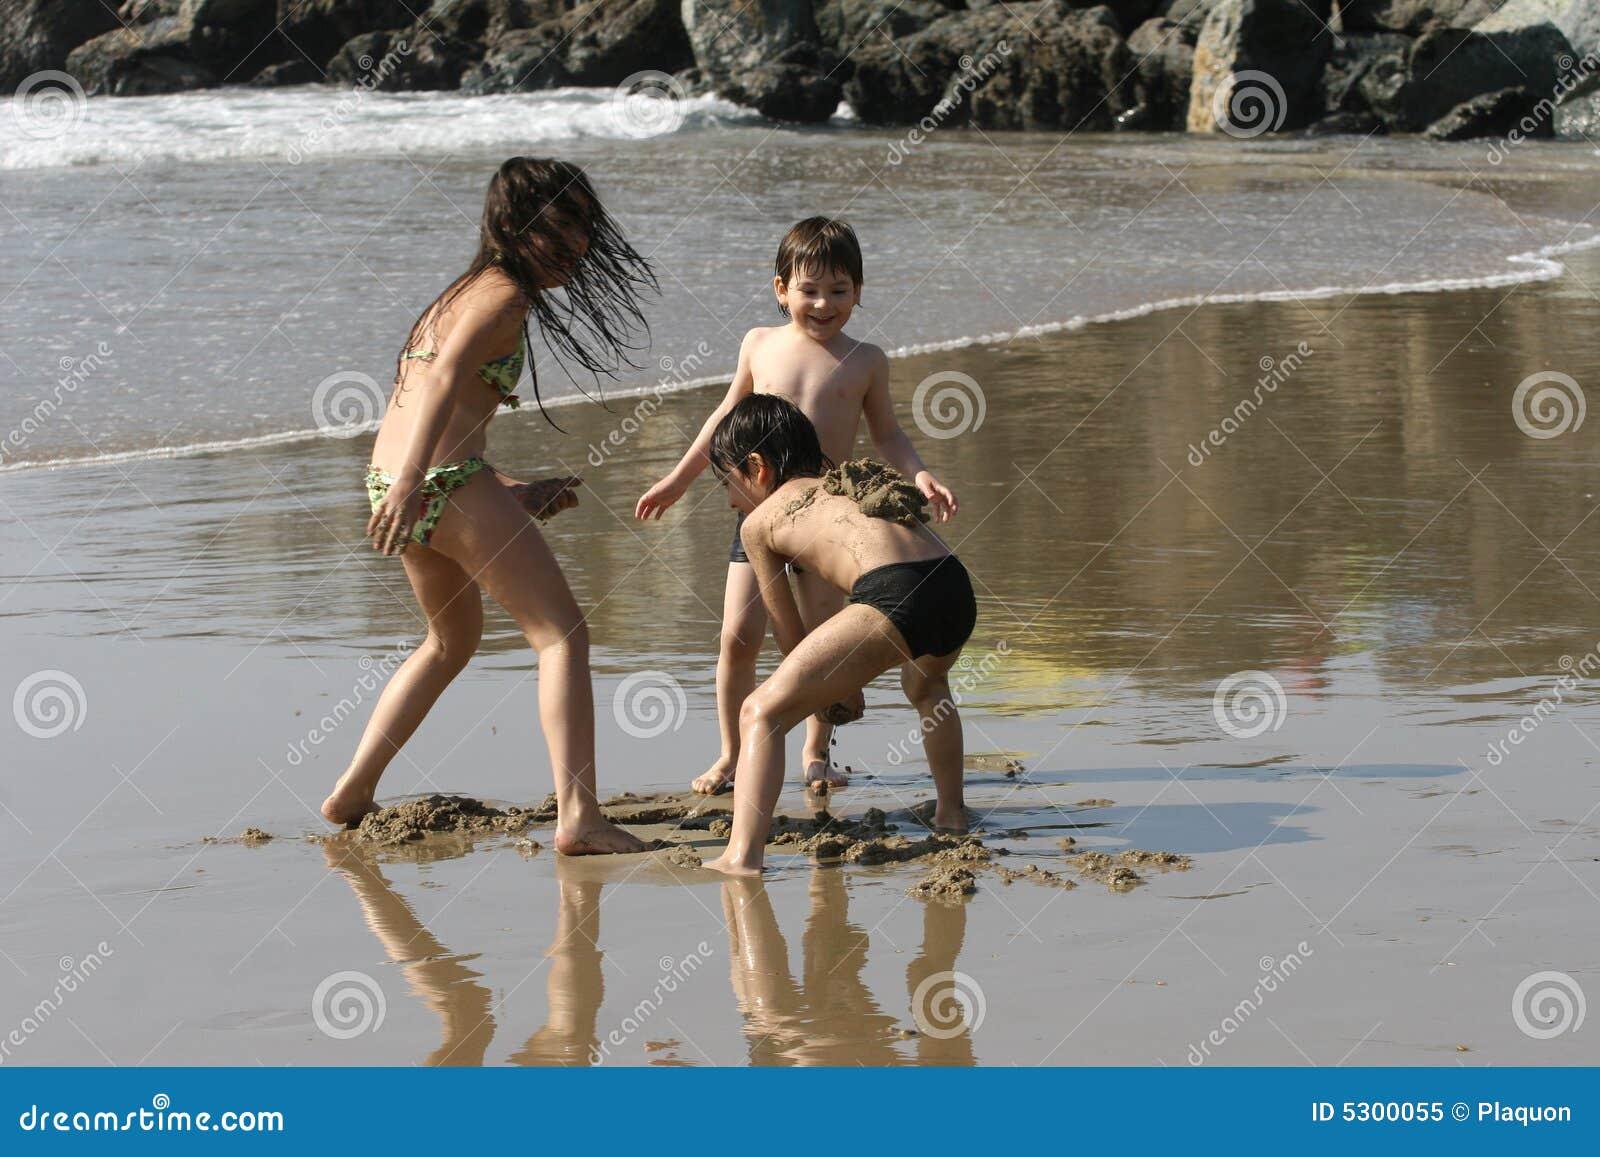 Download Scena della spiaggia immagine stock. Immagine di eccitamento - 5300055